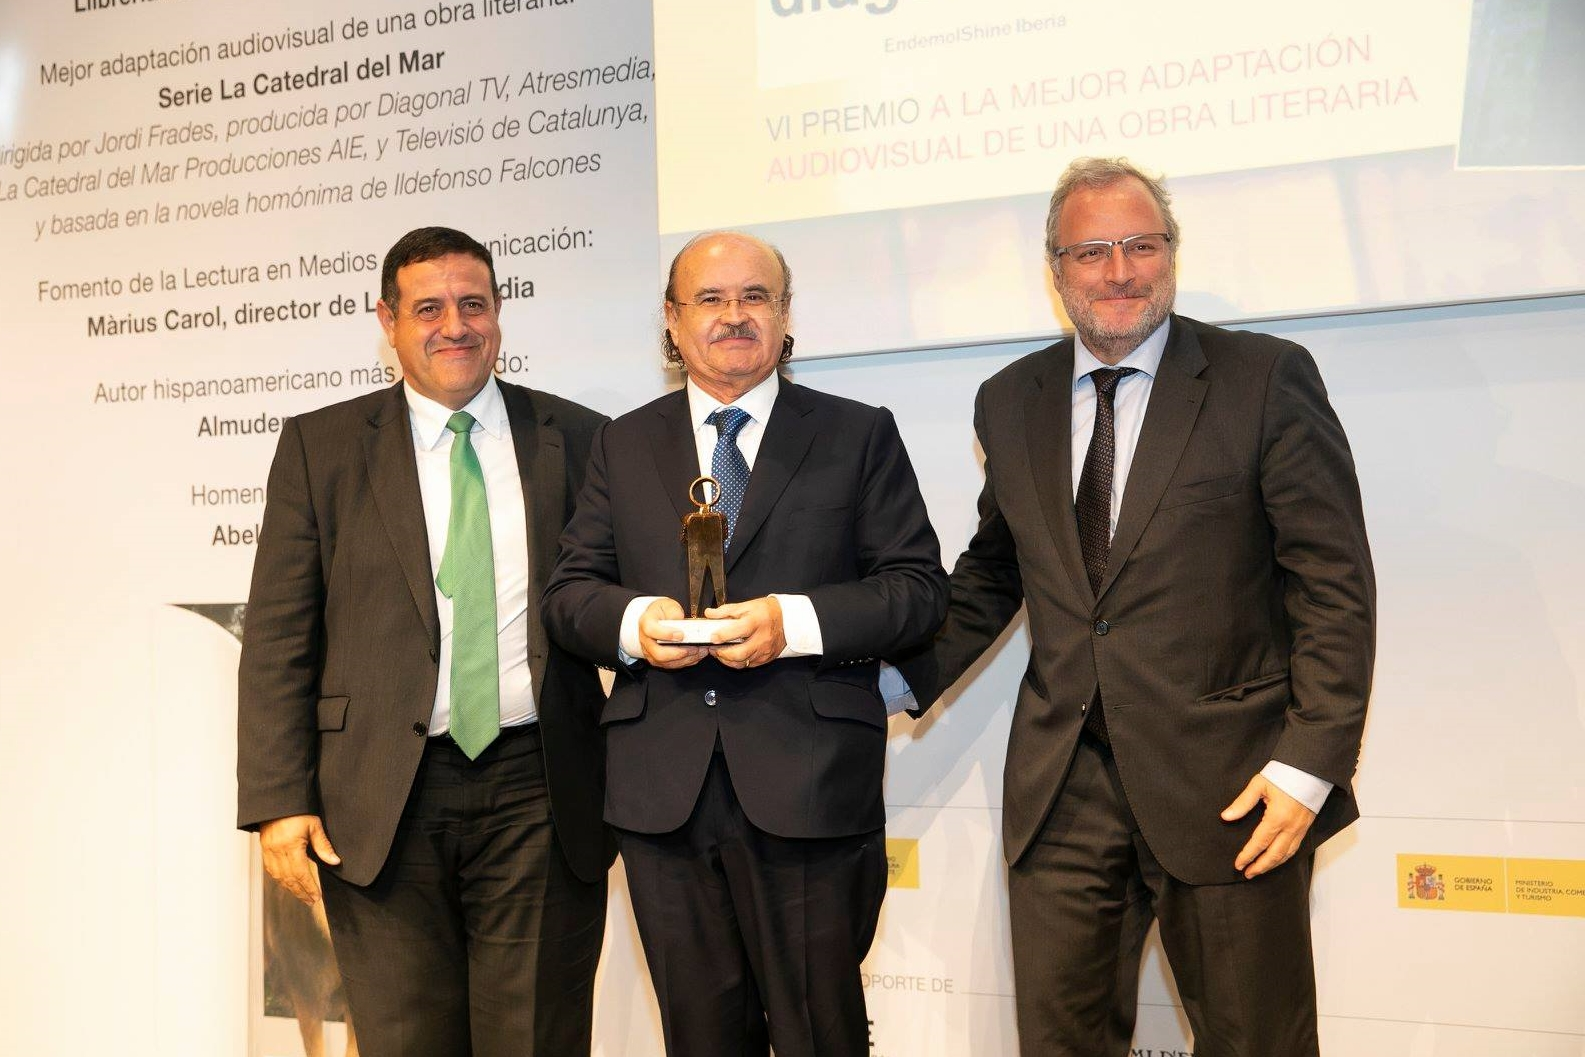 Foto de Rodolf Sirera recibe el premio Liber a la Mejor Adaptación Audiovisual